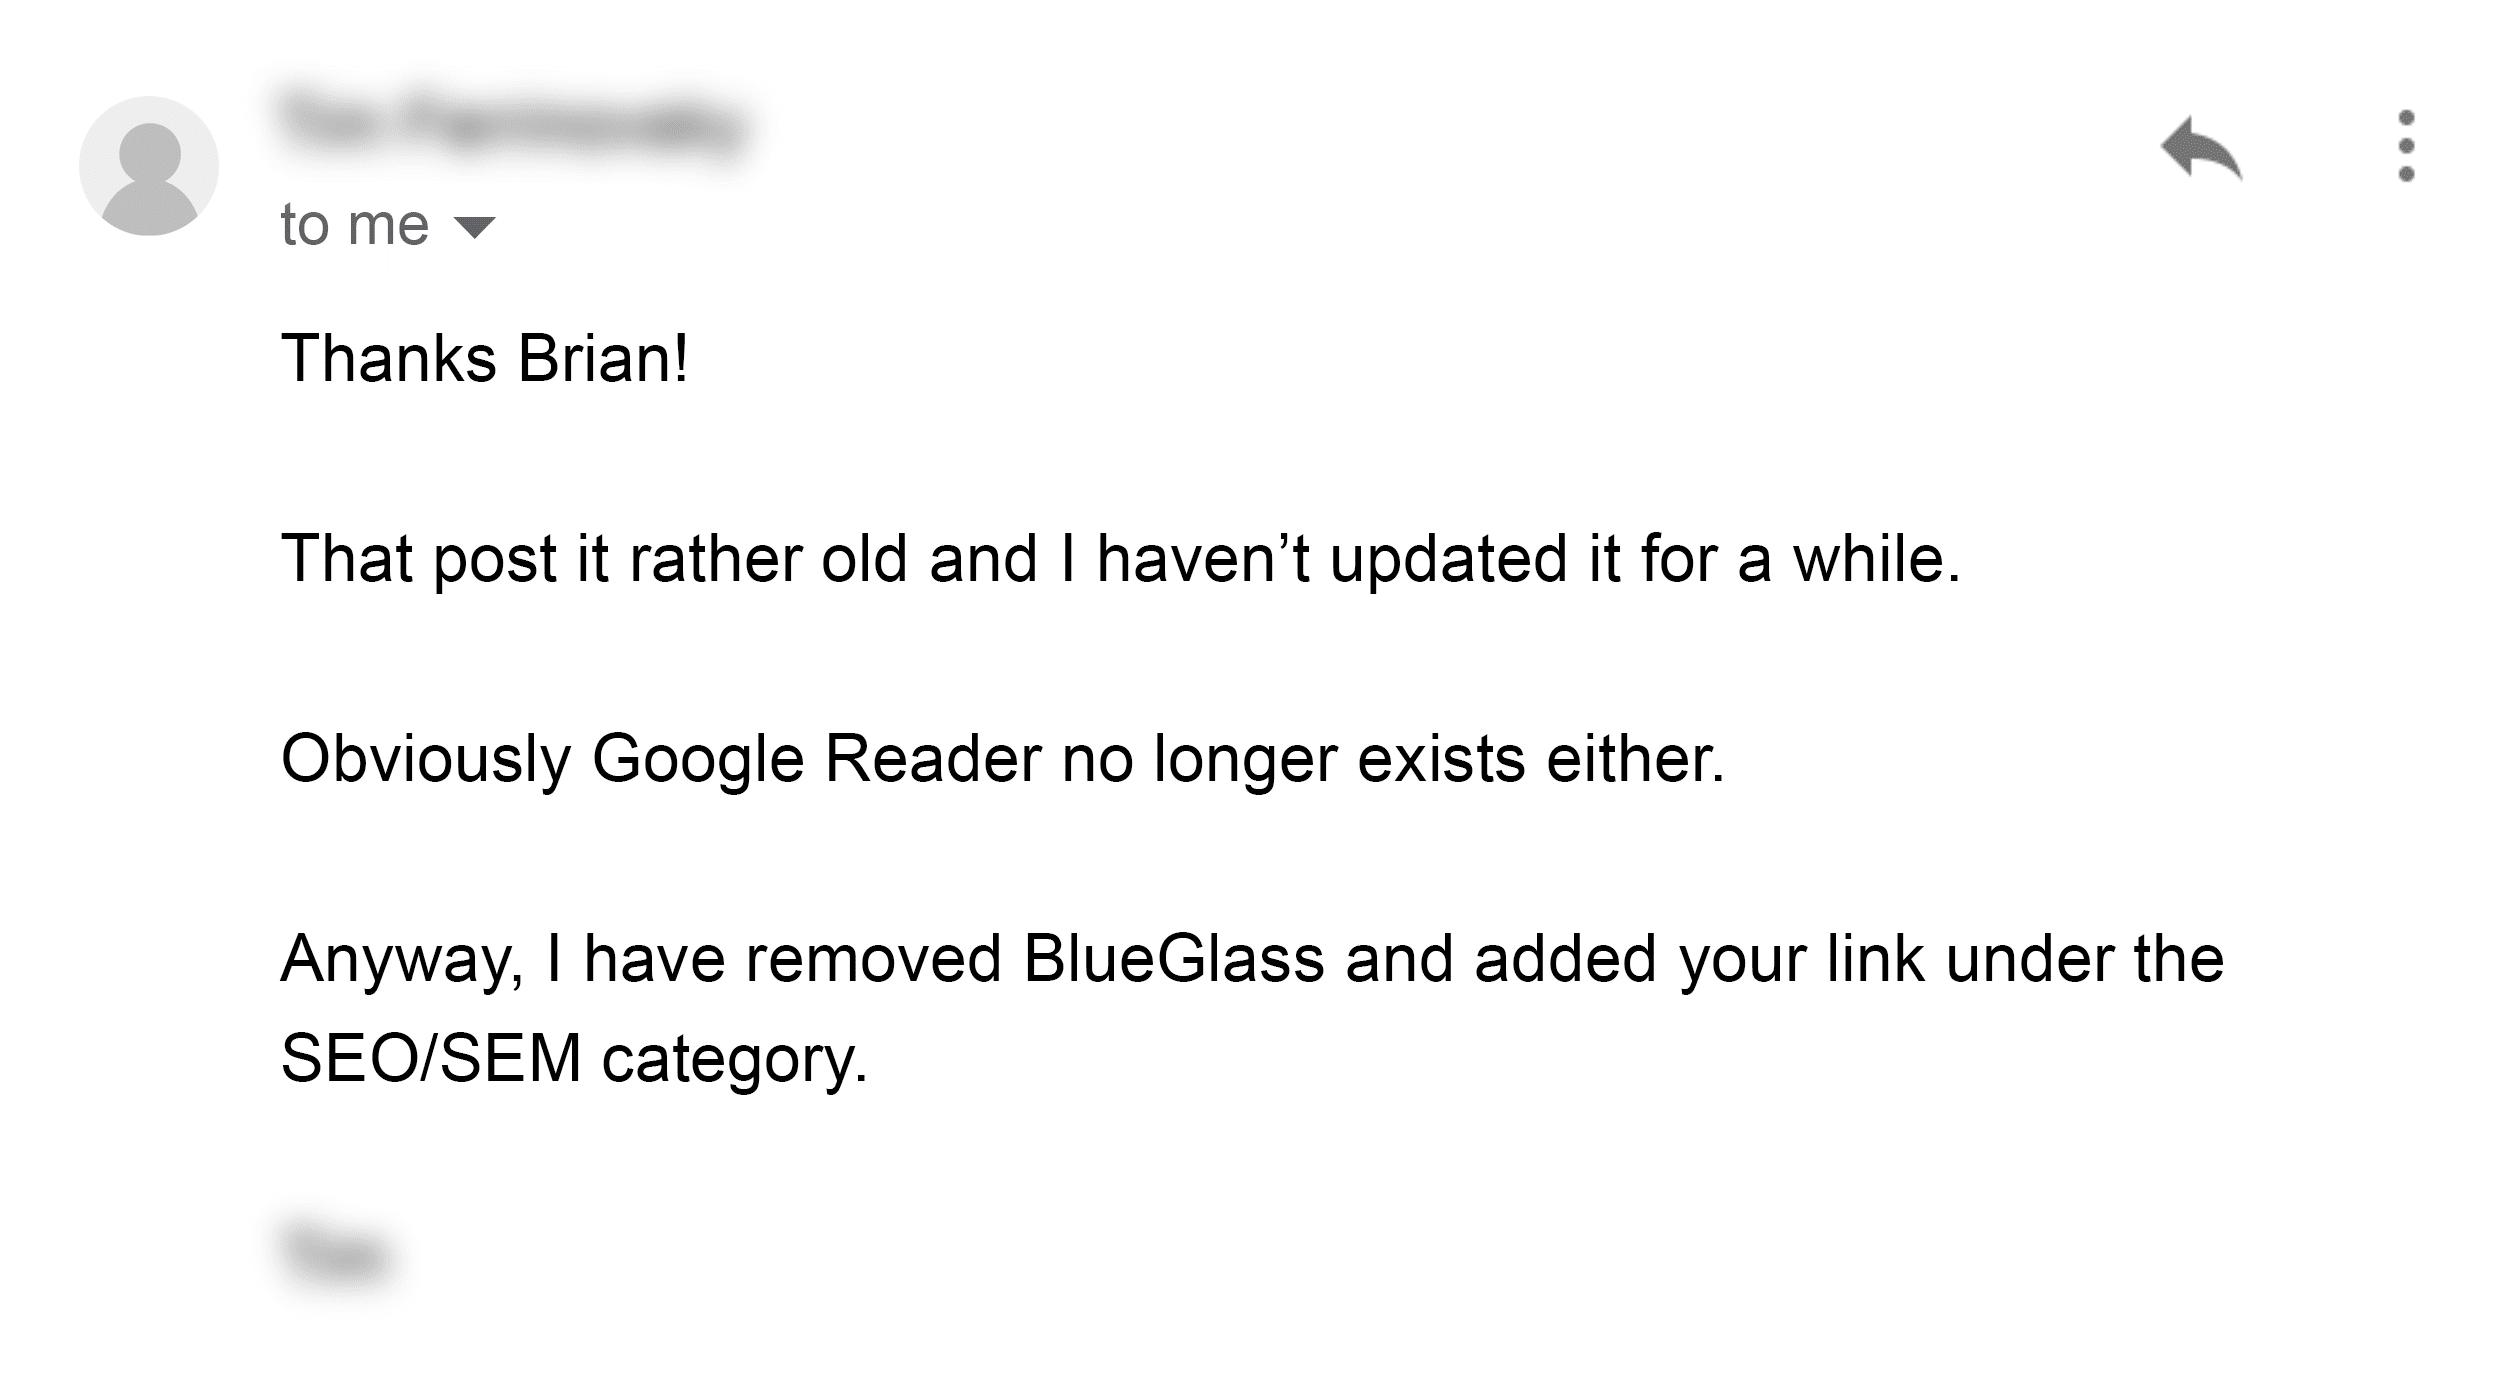 Outreach email reply – BlueGlass